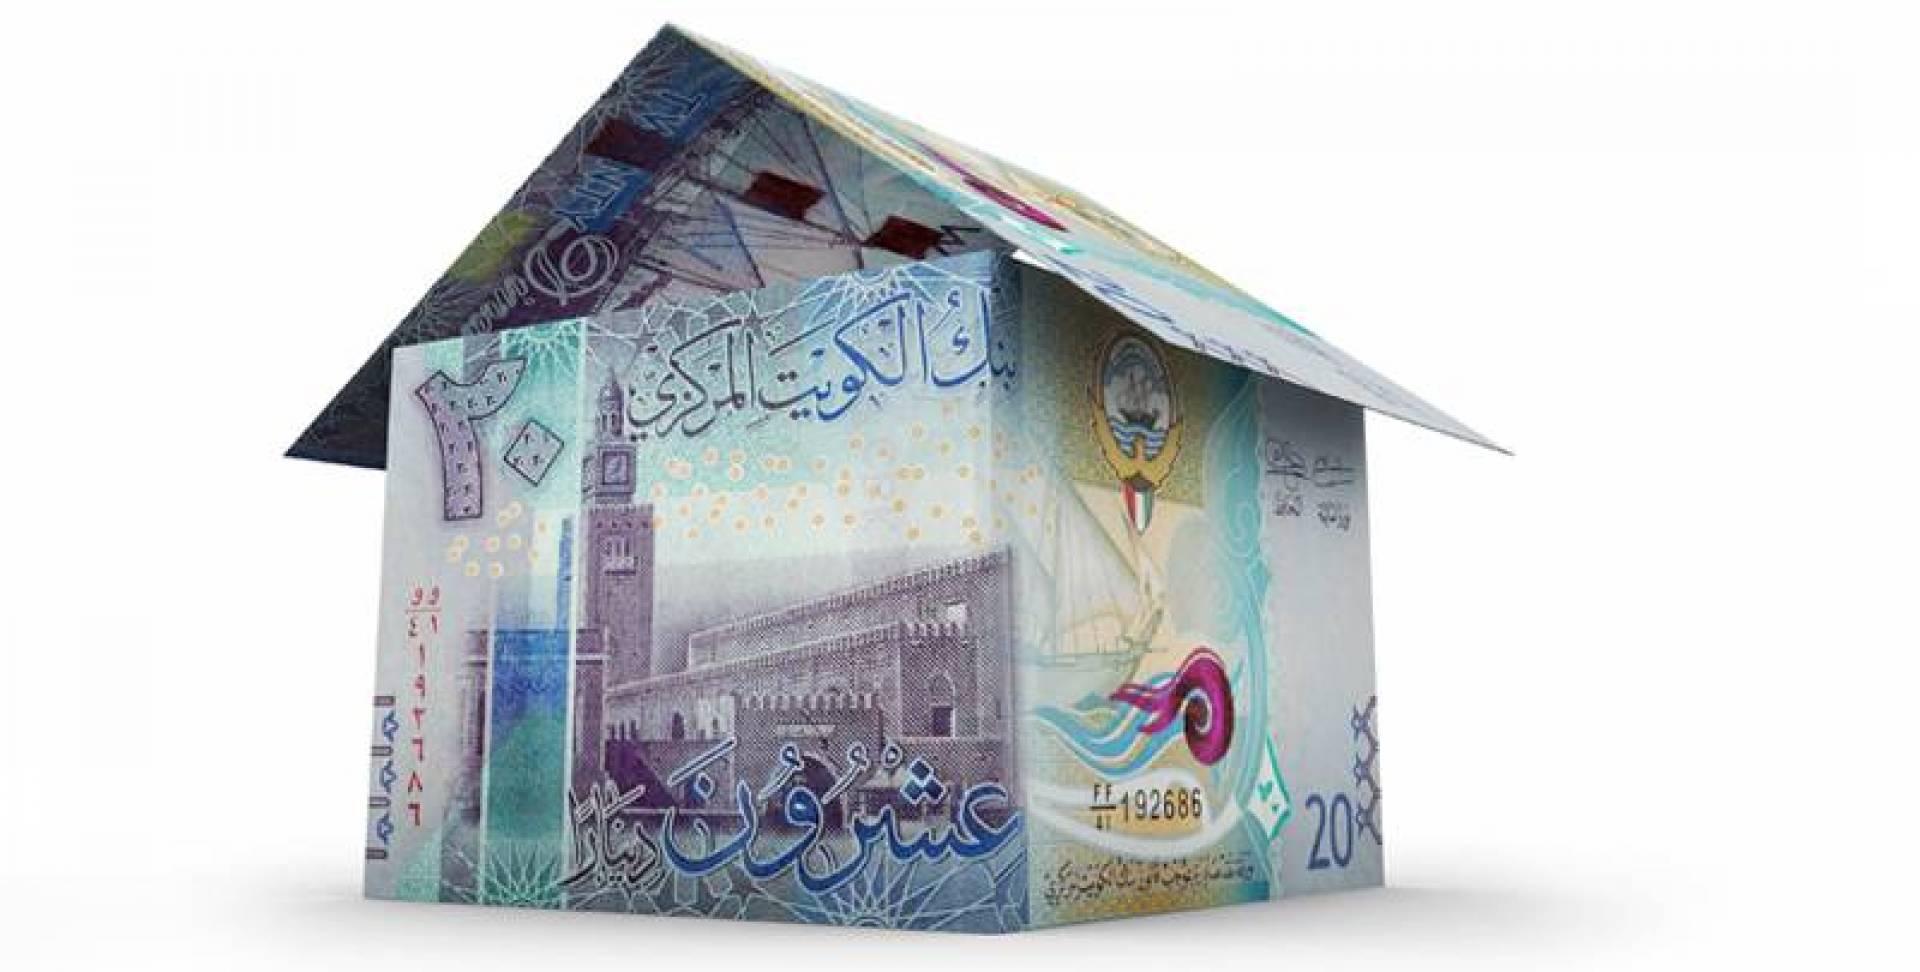 280 مليار دولار أصول البنوك الكويتية المدرجة